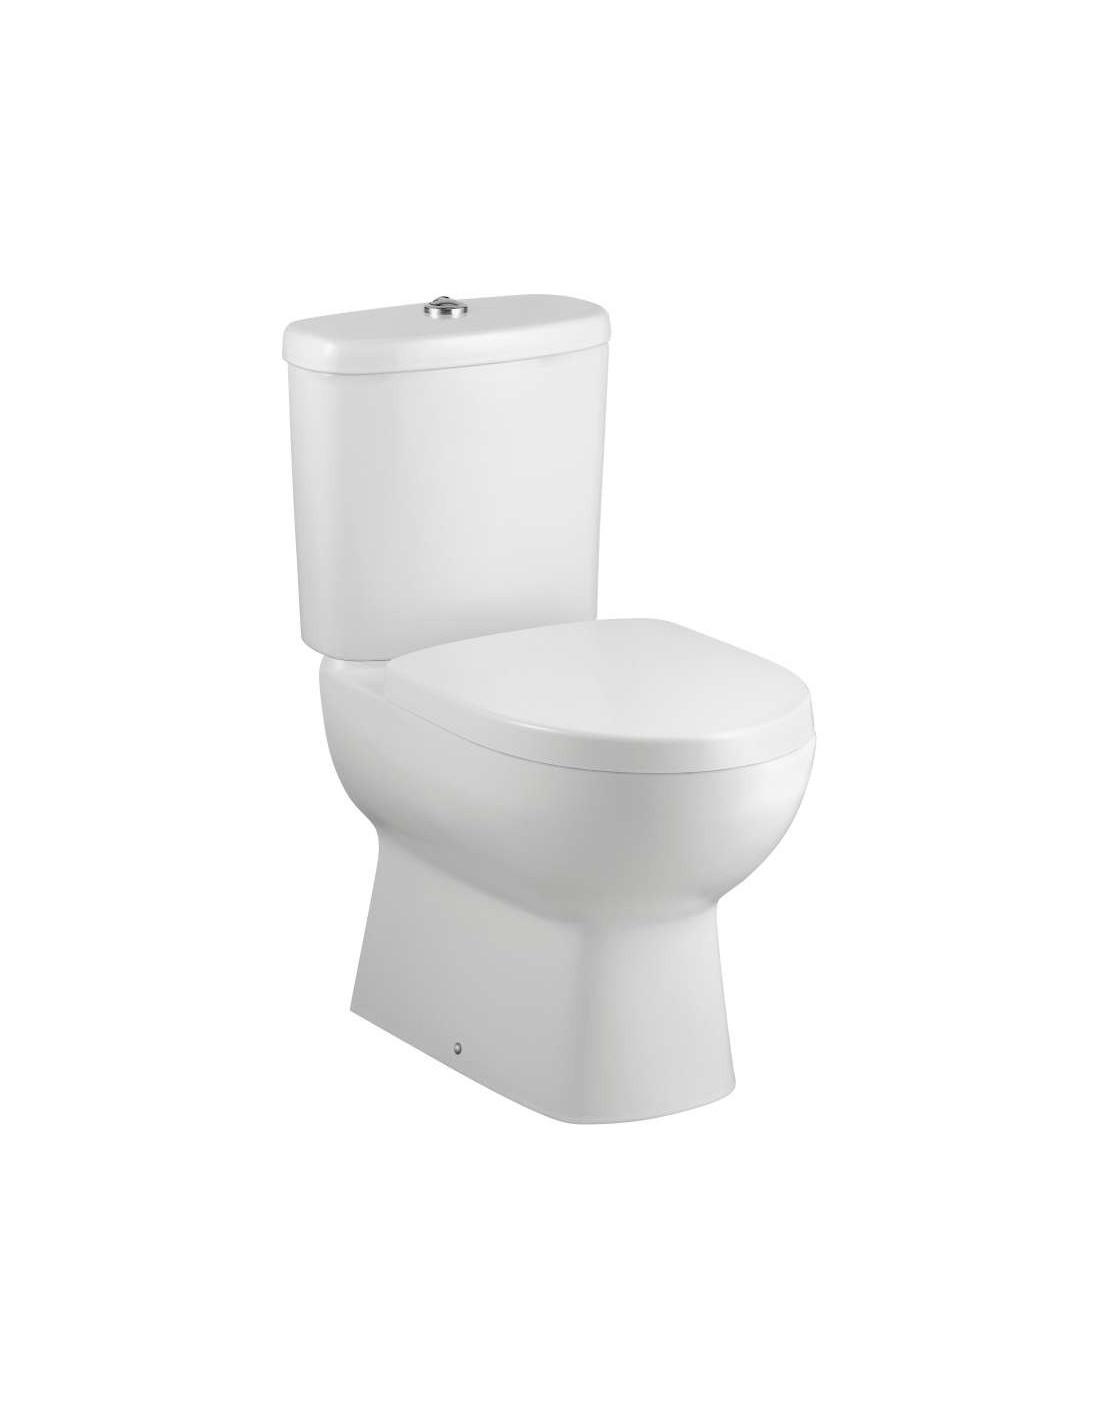 abattant du wc jacob delafon odeon up panache. Black Bedroom Furniture Sets. Home Design Ideas